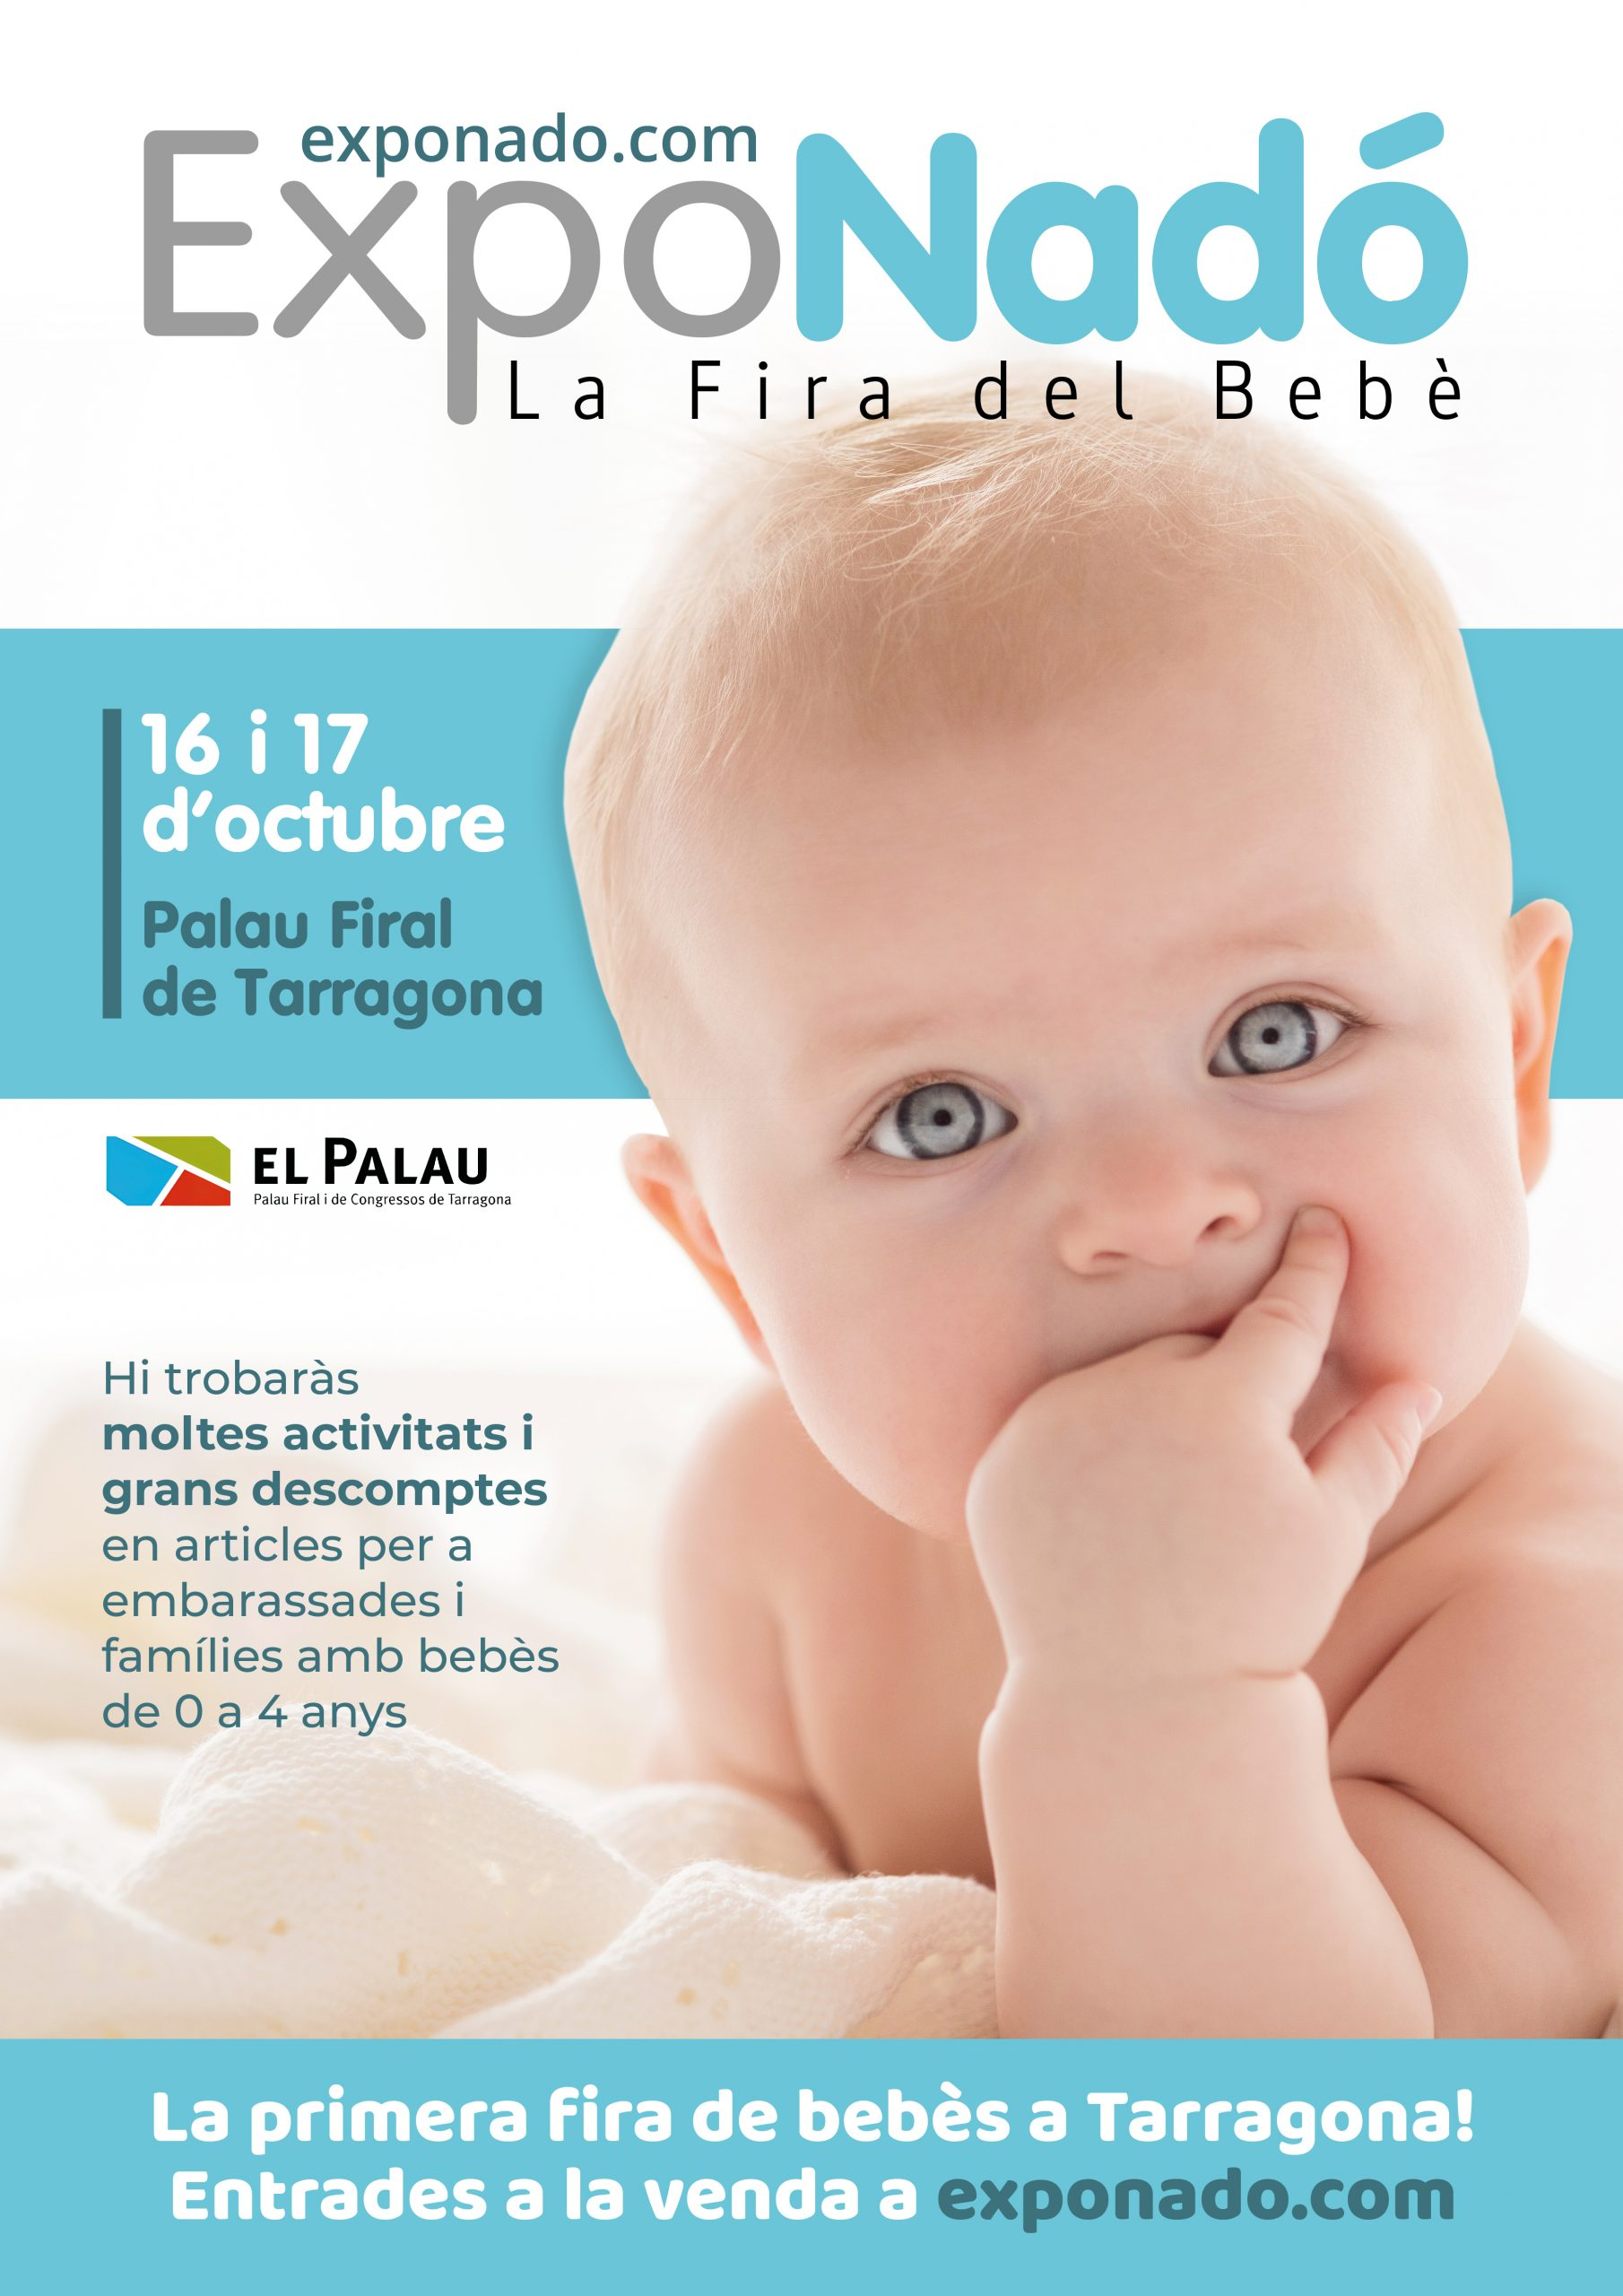 ExpoNadó, la feria de bebés itinerante más importante de Cataluña.